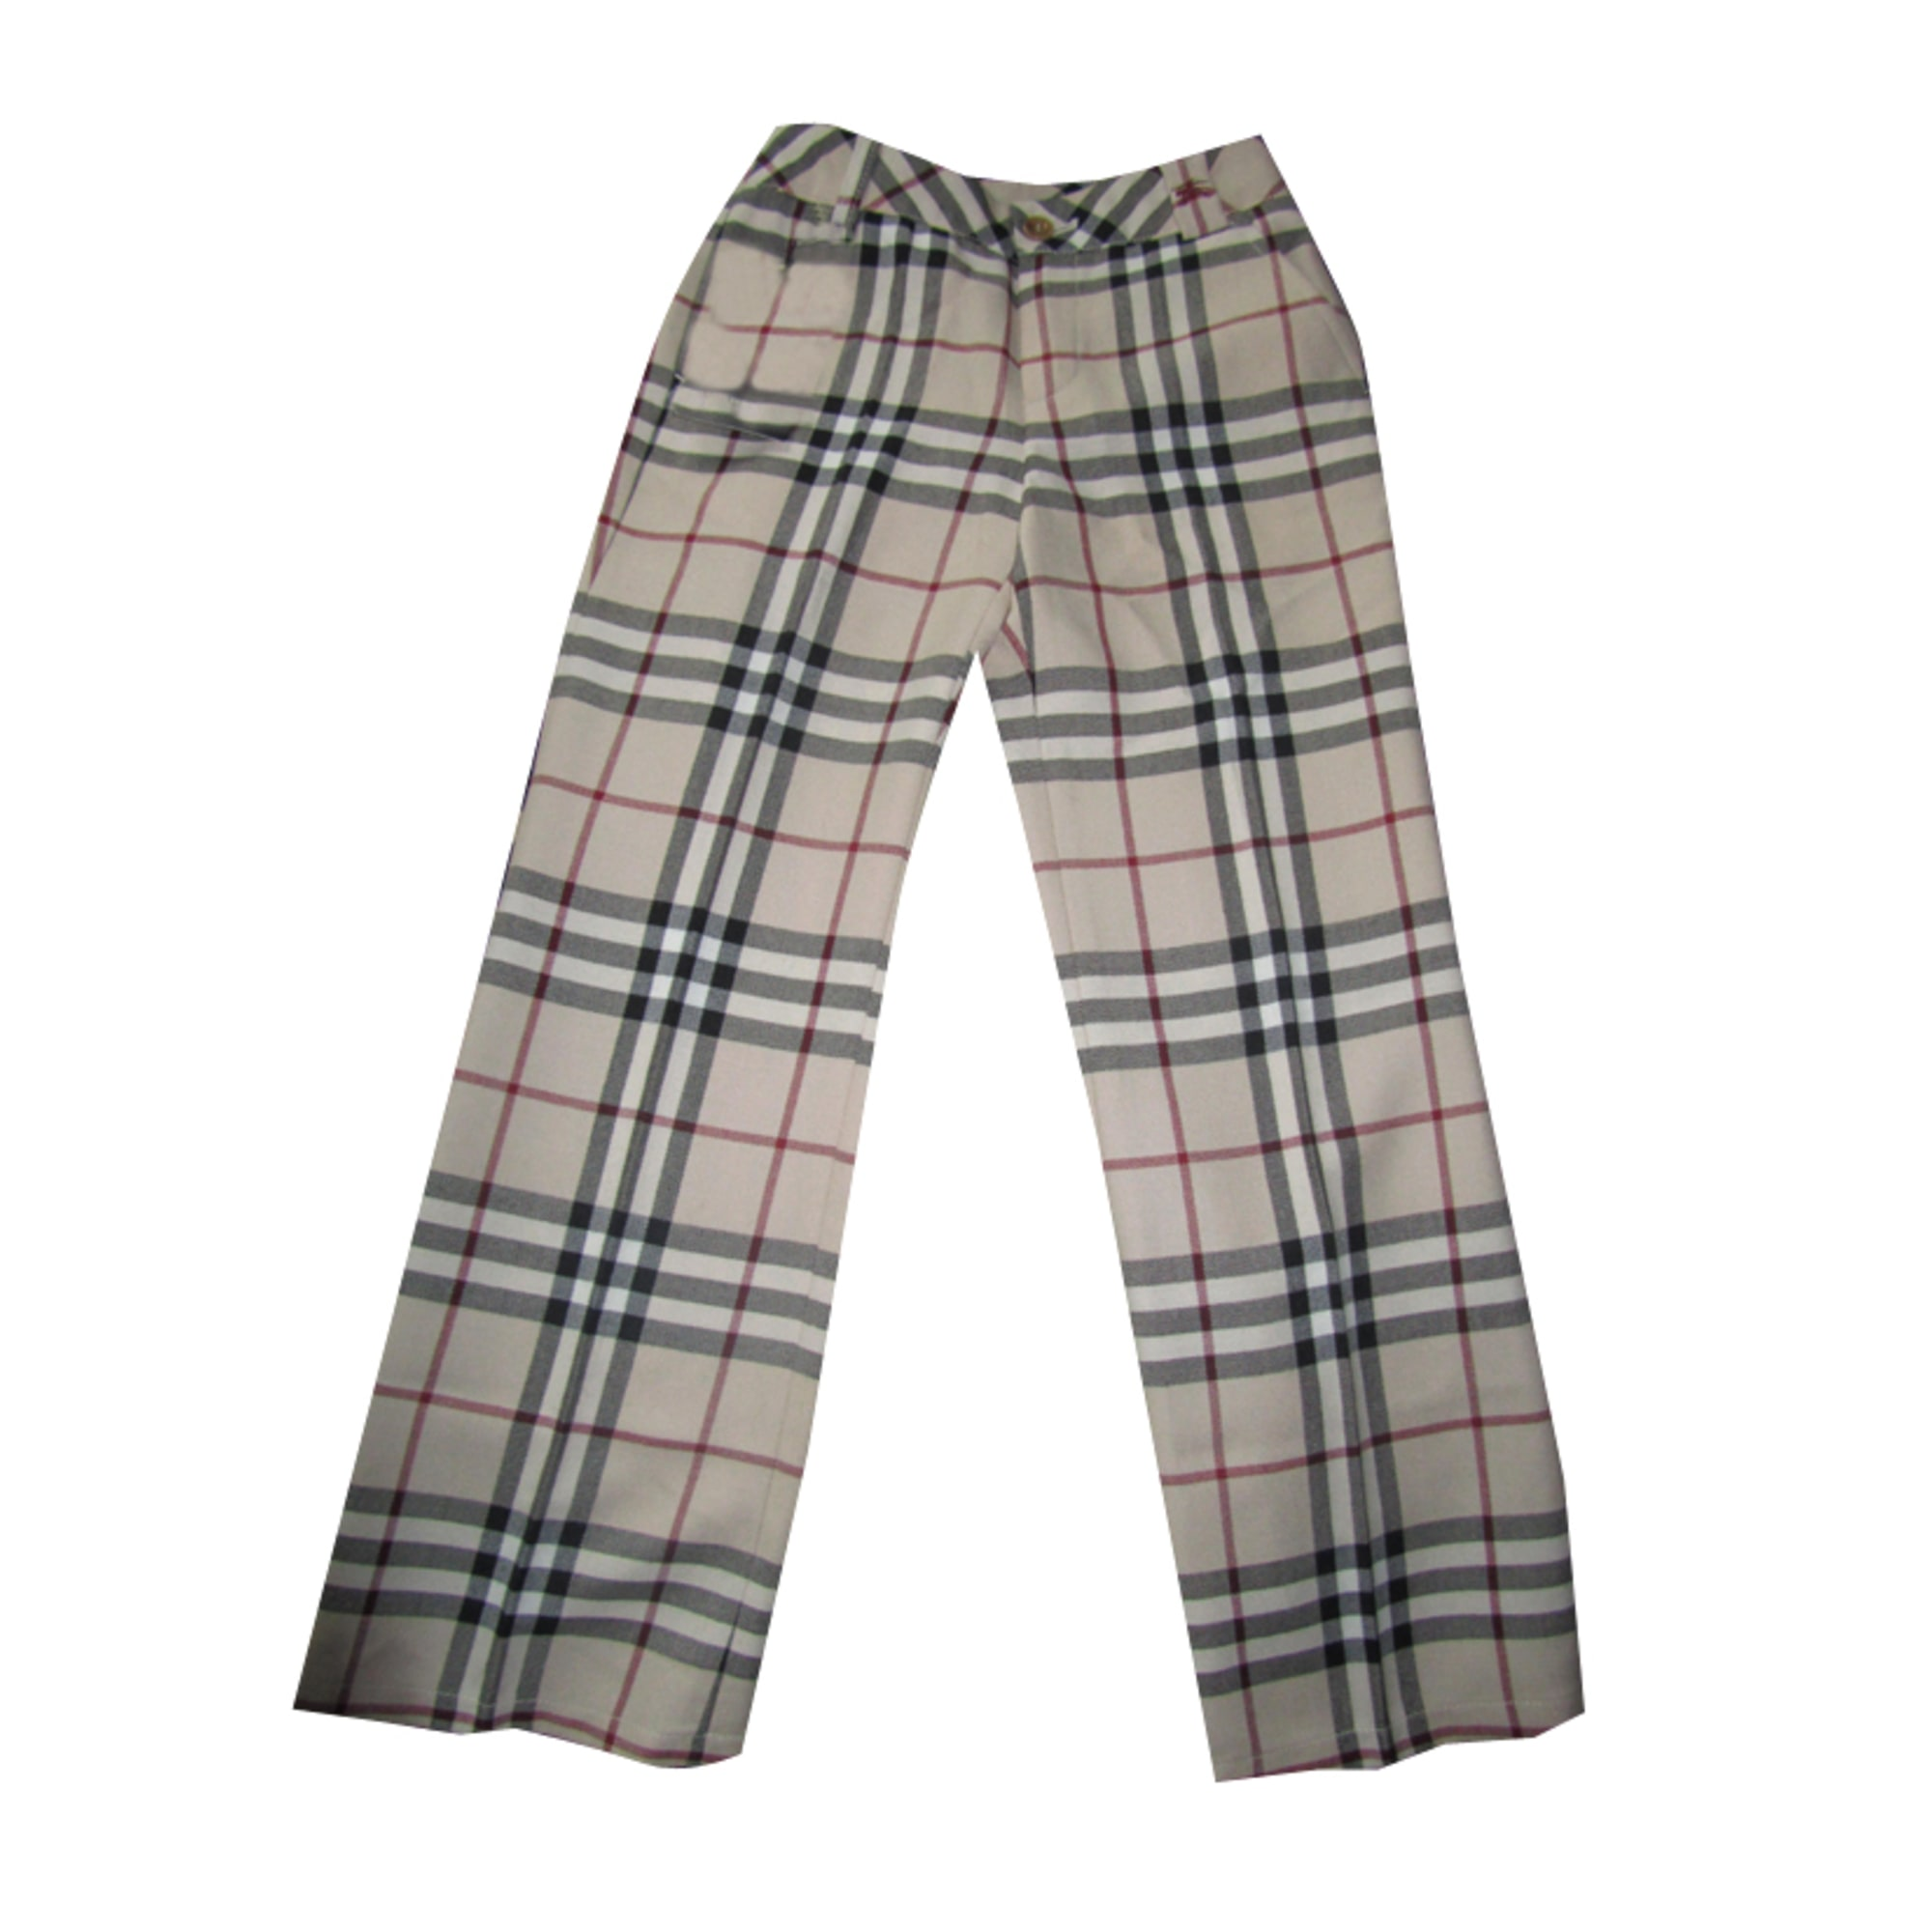 22e16bed060d8 Pantalon BURBERRY 5-6 ans taran - 923442